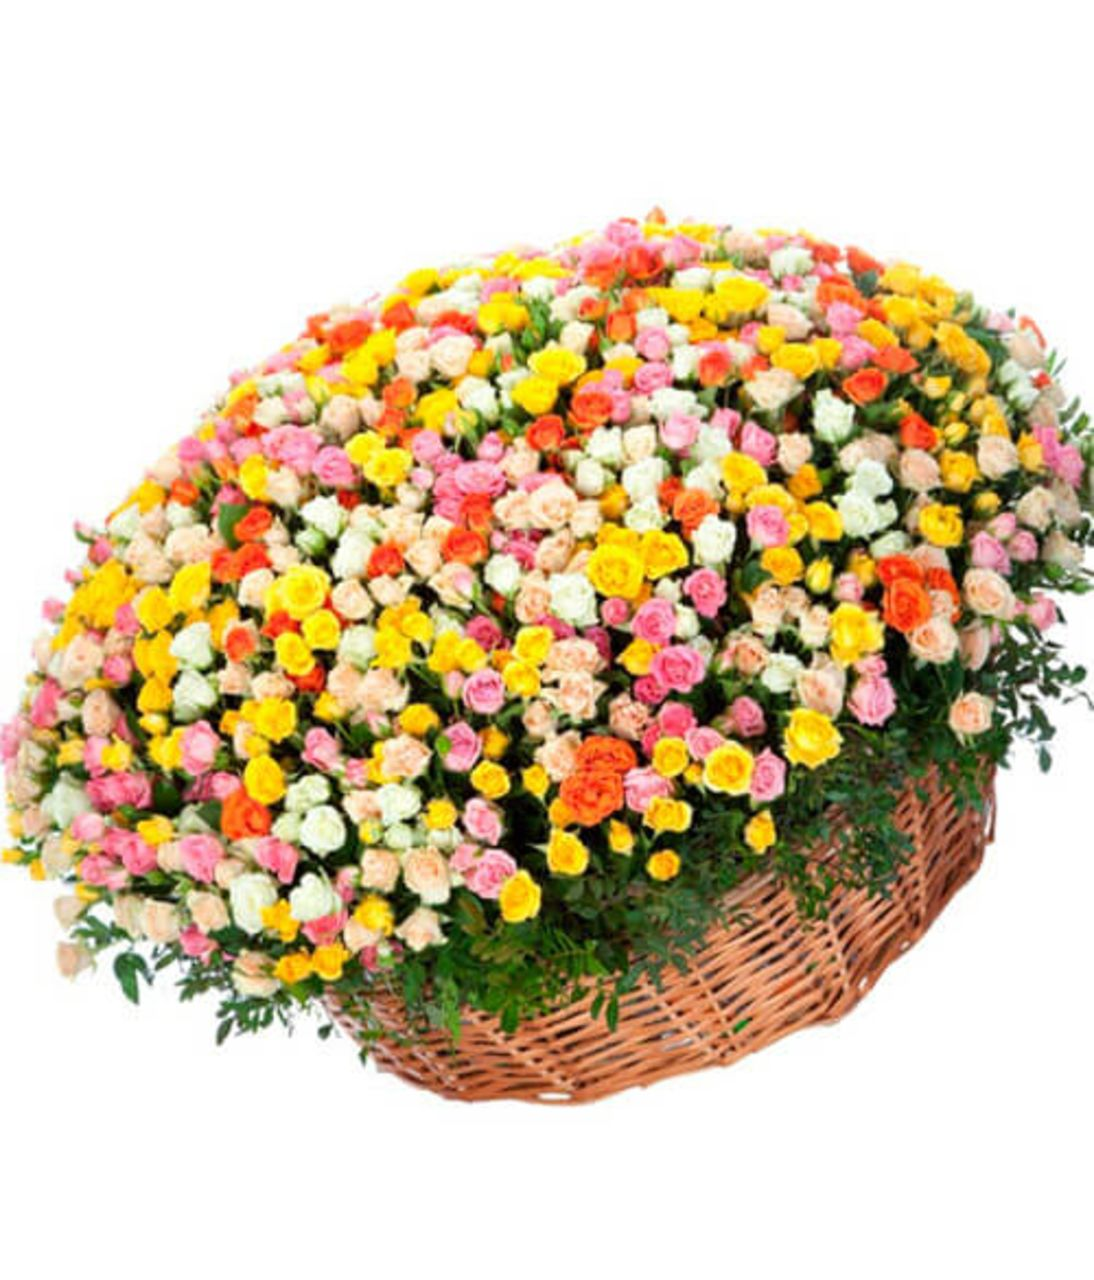 Букет з 301 кущовий троянди. Superflowers.com.ua. Замовити букет в інтернет-магазині Супер Фловерс